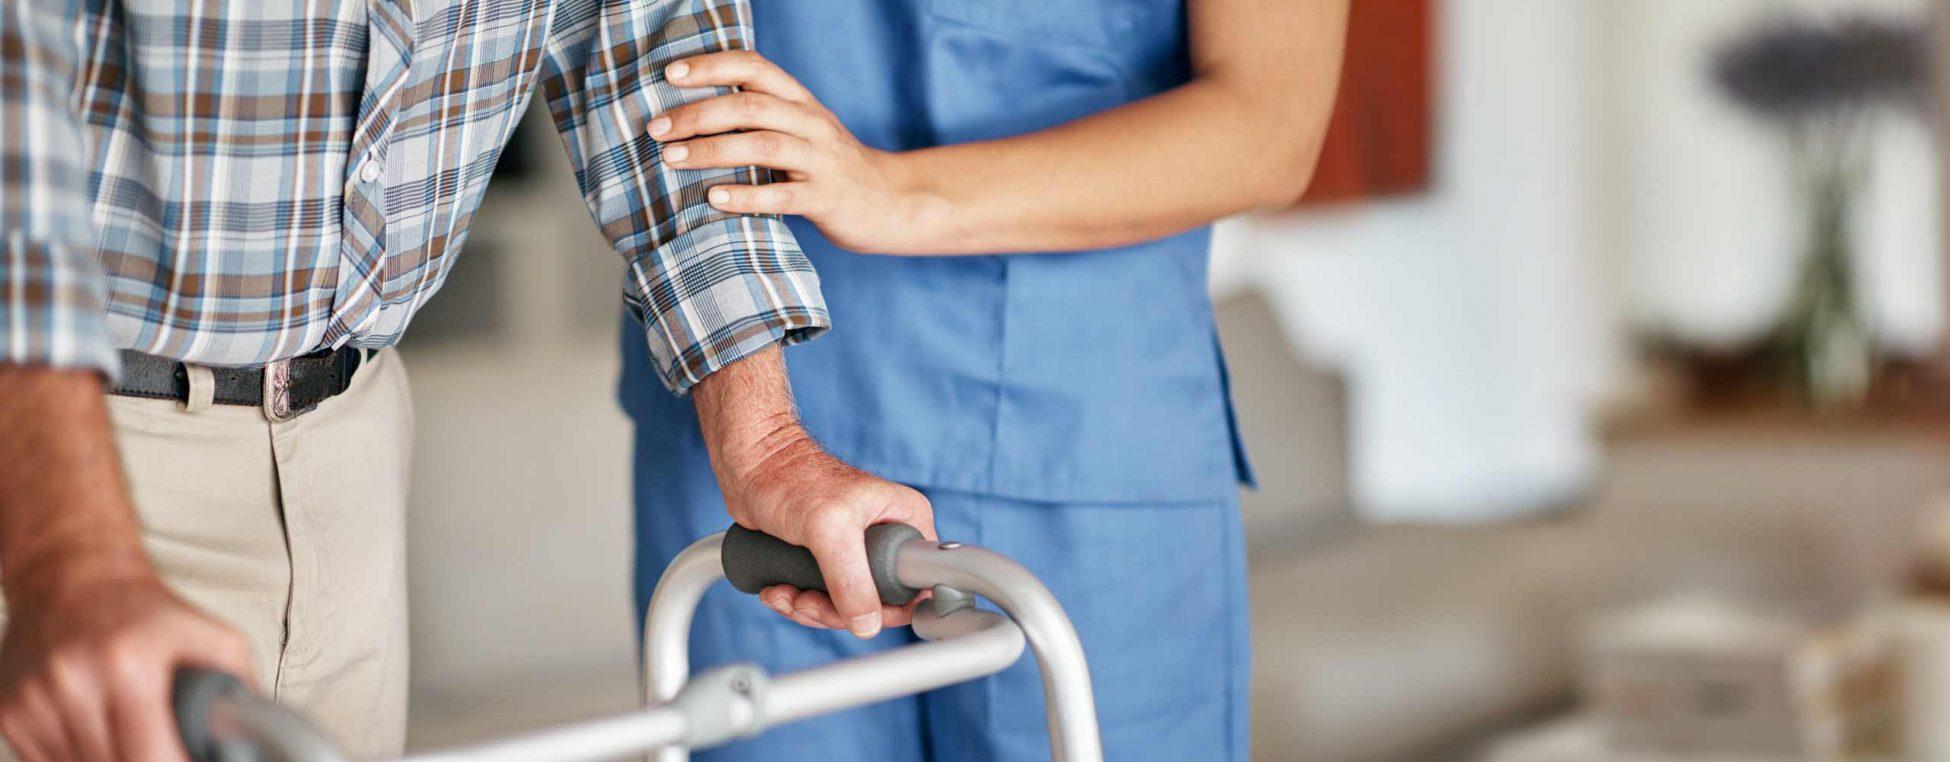 Eine Pflegekraft untersützt einen älteren Mann beim Laufen.